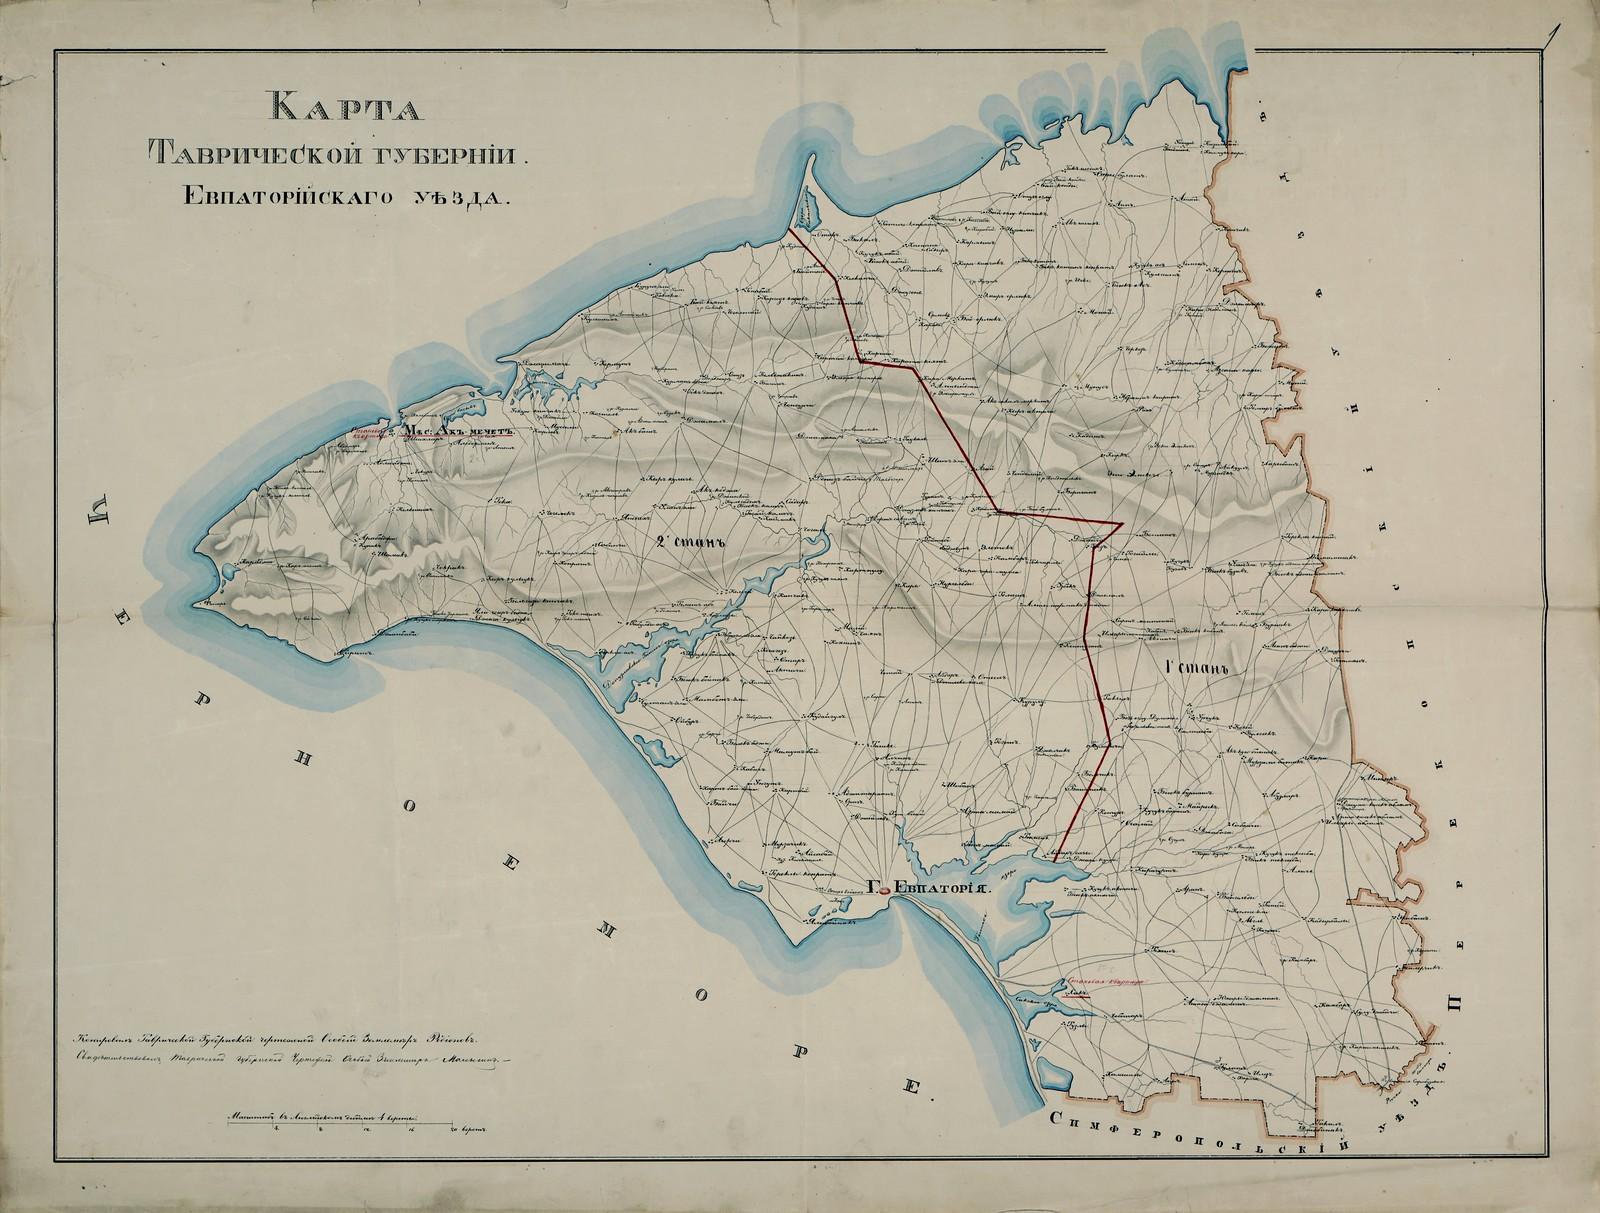 Таврическая губерния. Карта Евпаторийского уезда